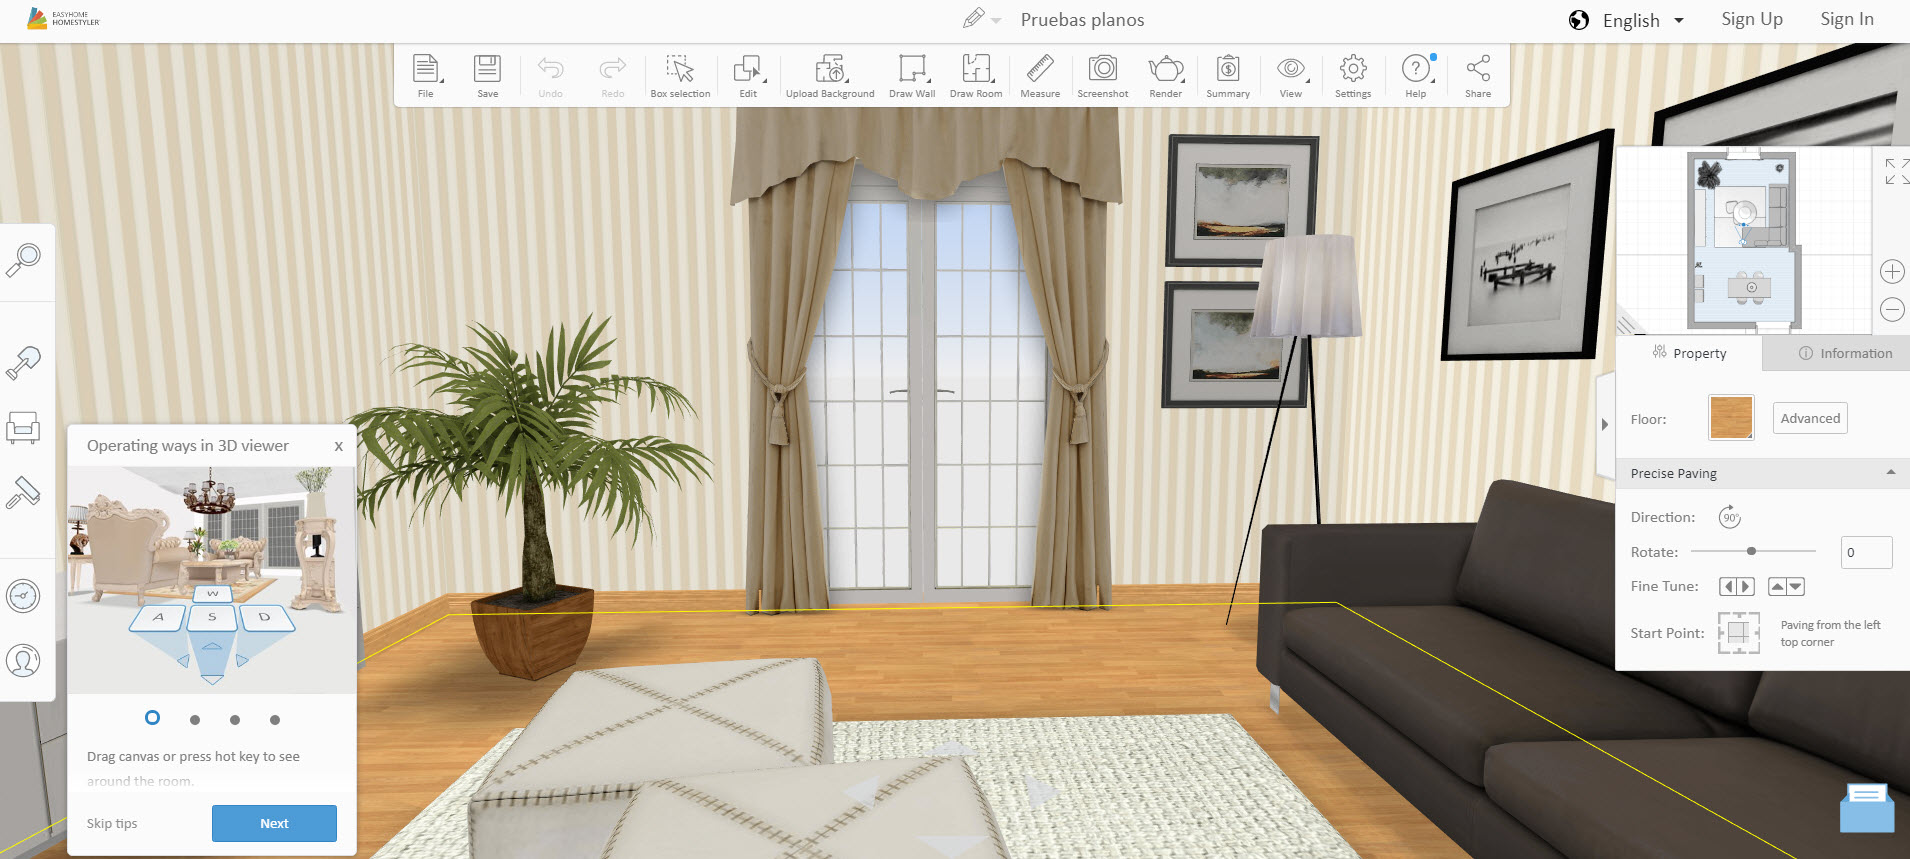 Aplicaciones de dise o de planos de casas y decoraci n de for Aplicacion para diseno de interiores 3d